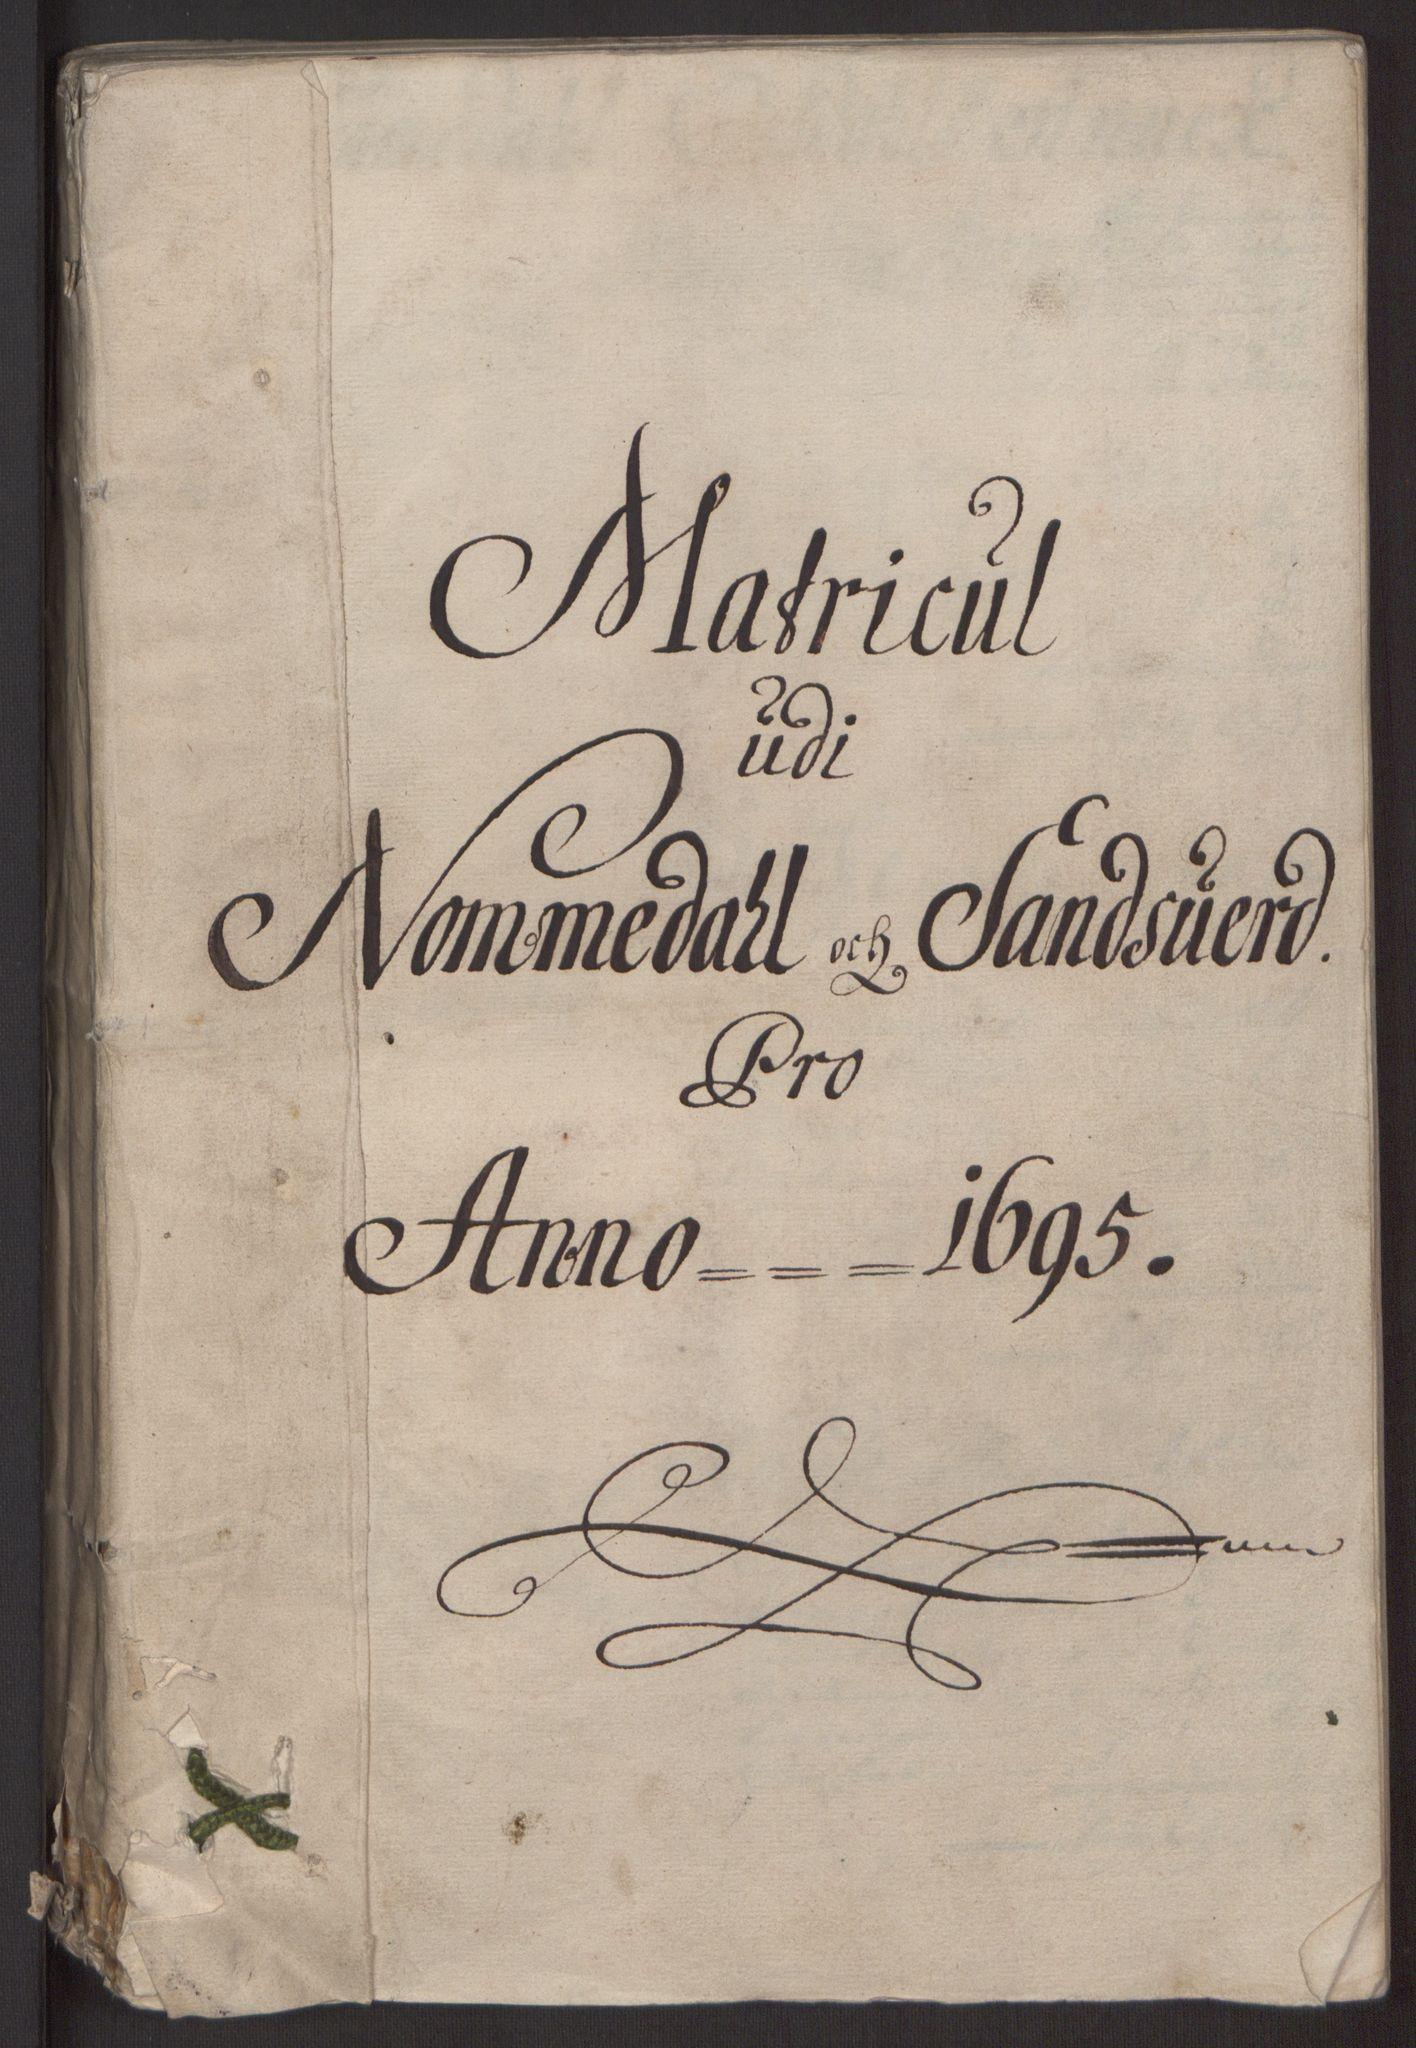 RA, Rentekammeret inntil 1814, Reviderte regnskaper, Fogderegnskap, R24/L1575: Fogderegnskap Numedal og Sandsvær, 1692-1695, s. 279